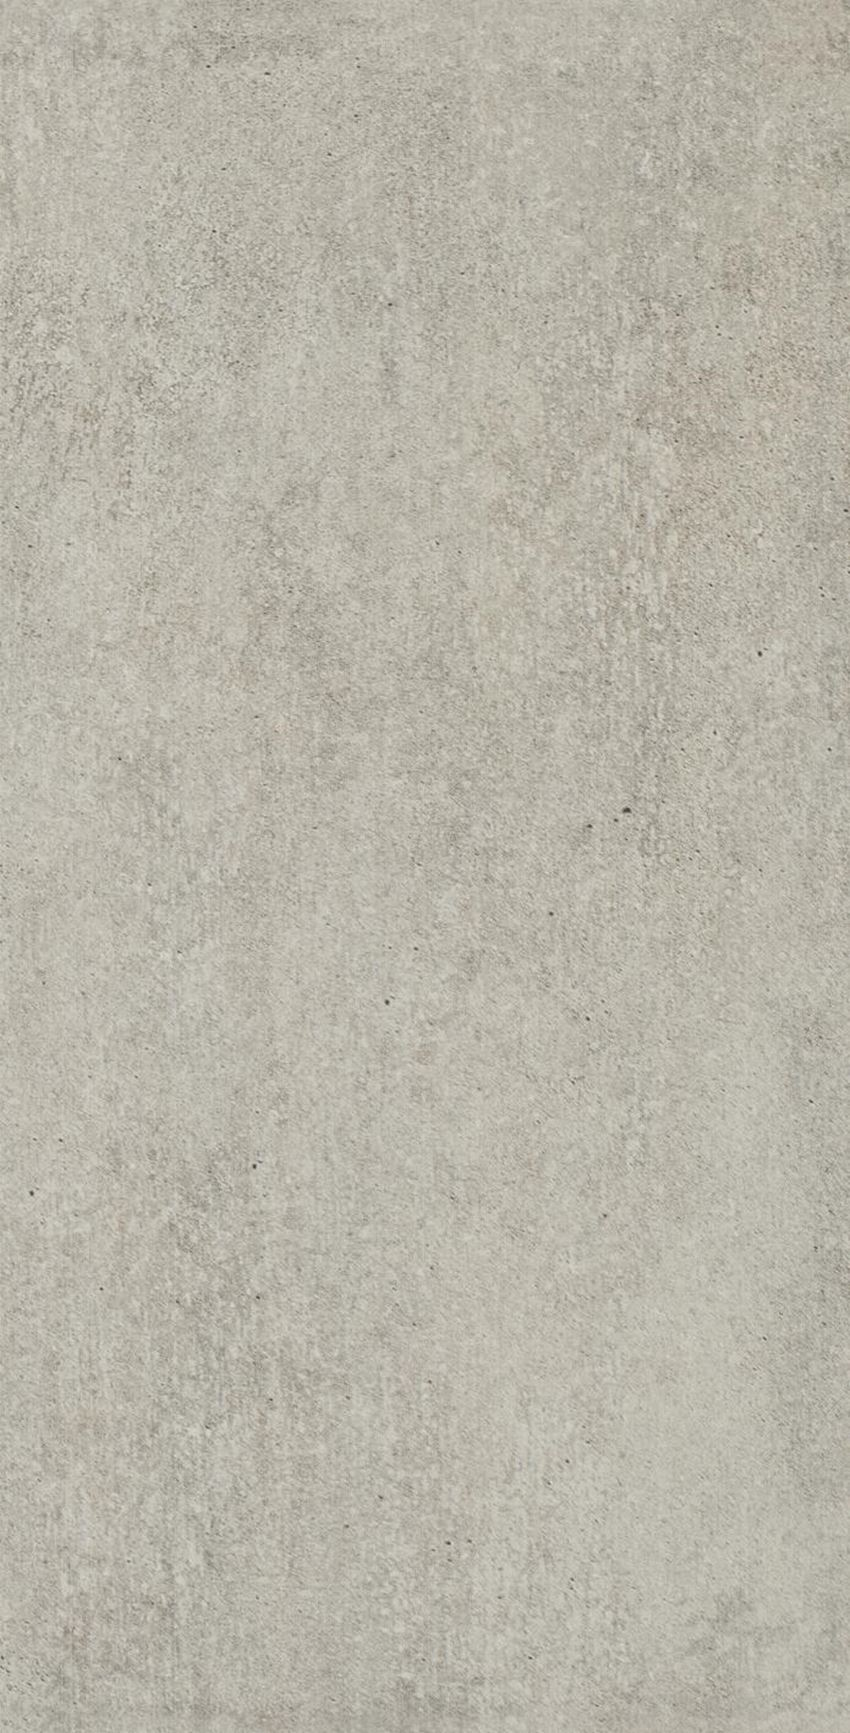 Płytka ścienno-podłogowa 29,8x59,8 cm Paradyż Rino Grys Gres Szkl. Rekt. Półpoler